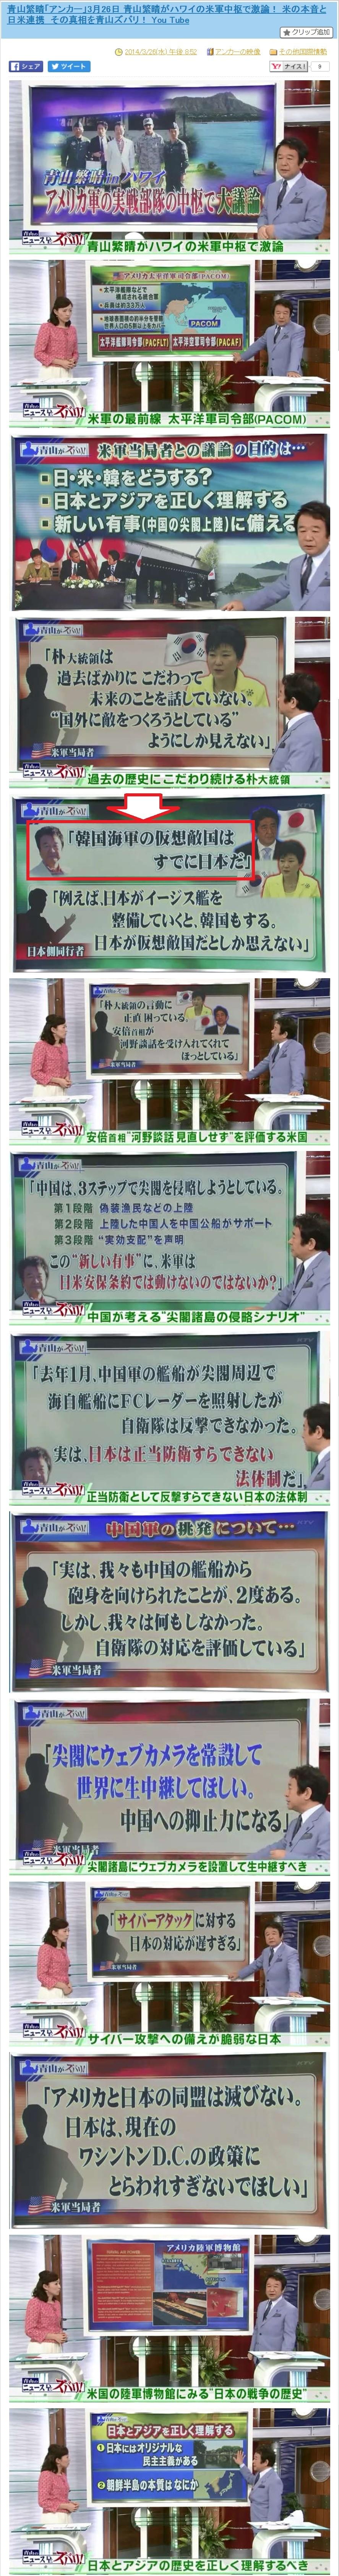 青山アンカー米高官「韓国海軍の仮想敵国は日本」